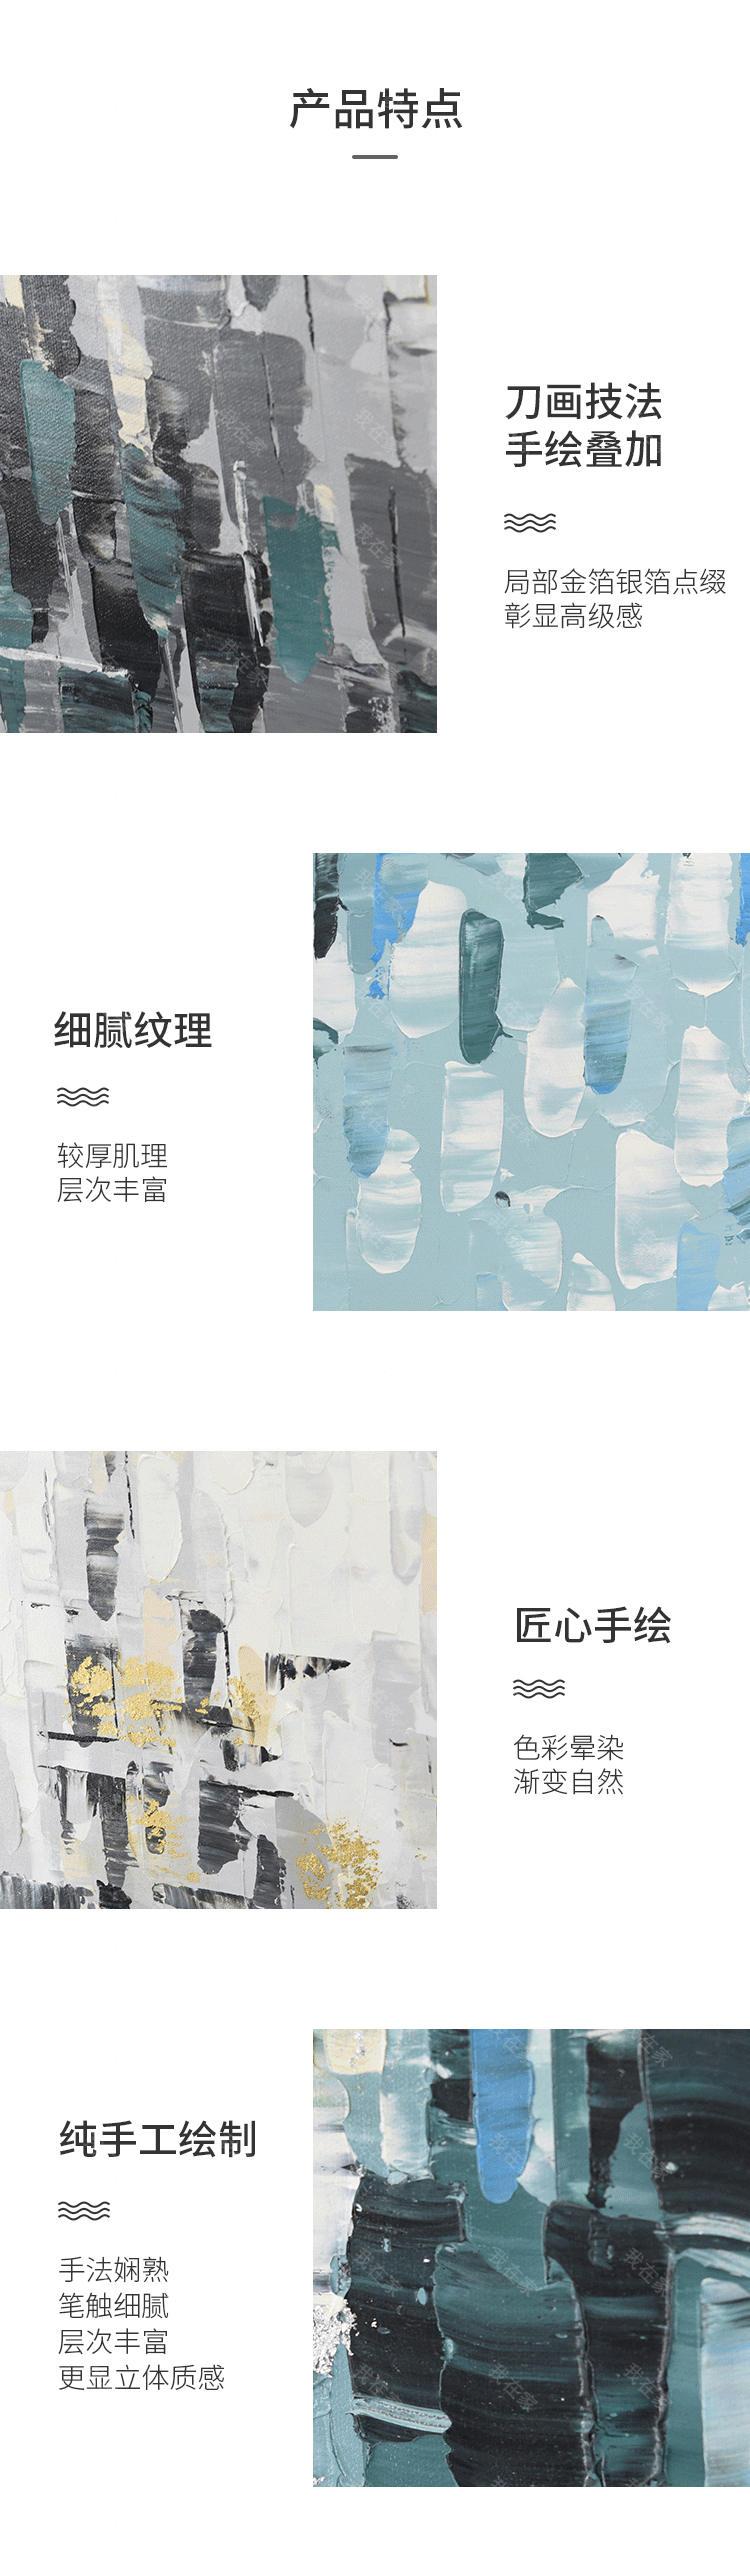 装饰画品牌朦胧意境 抽象刀画的详细介绍